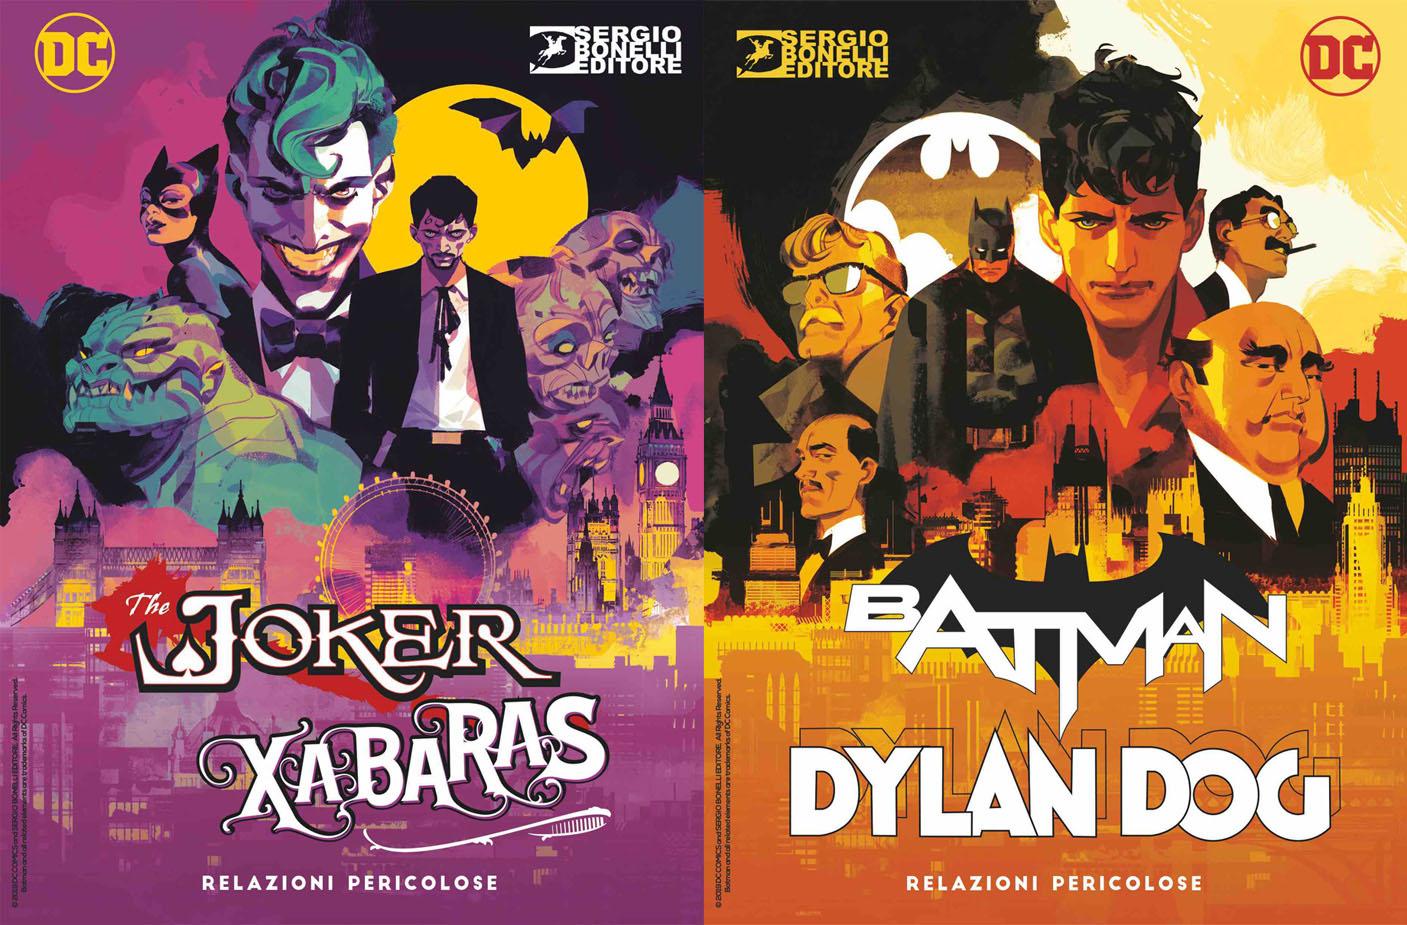 Dylan Dog Batman Relazioni Pericolose